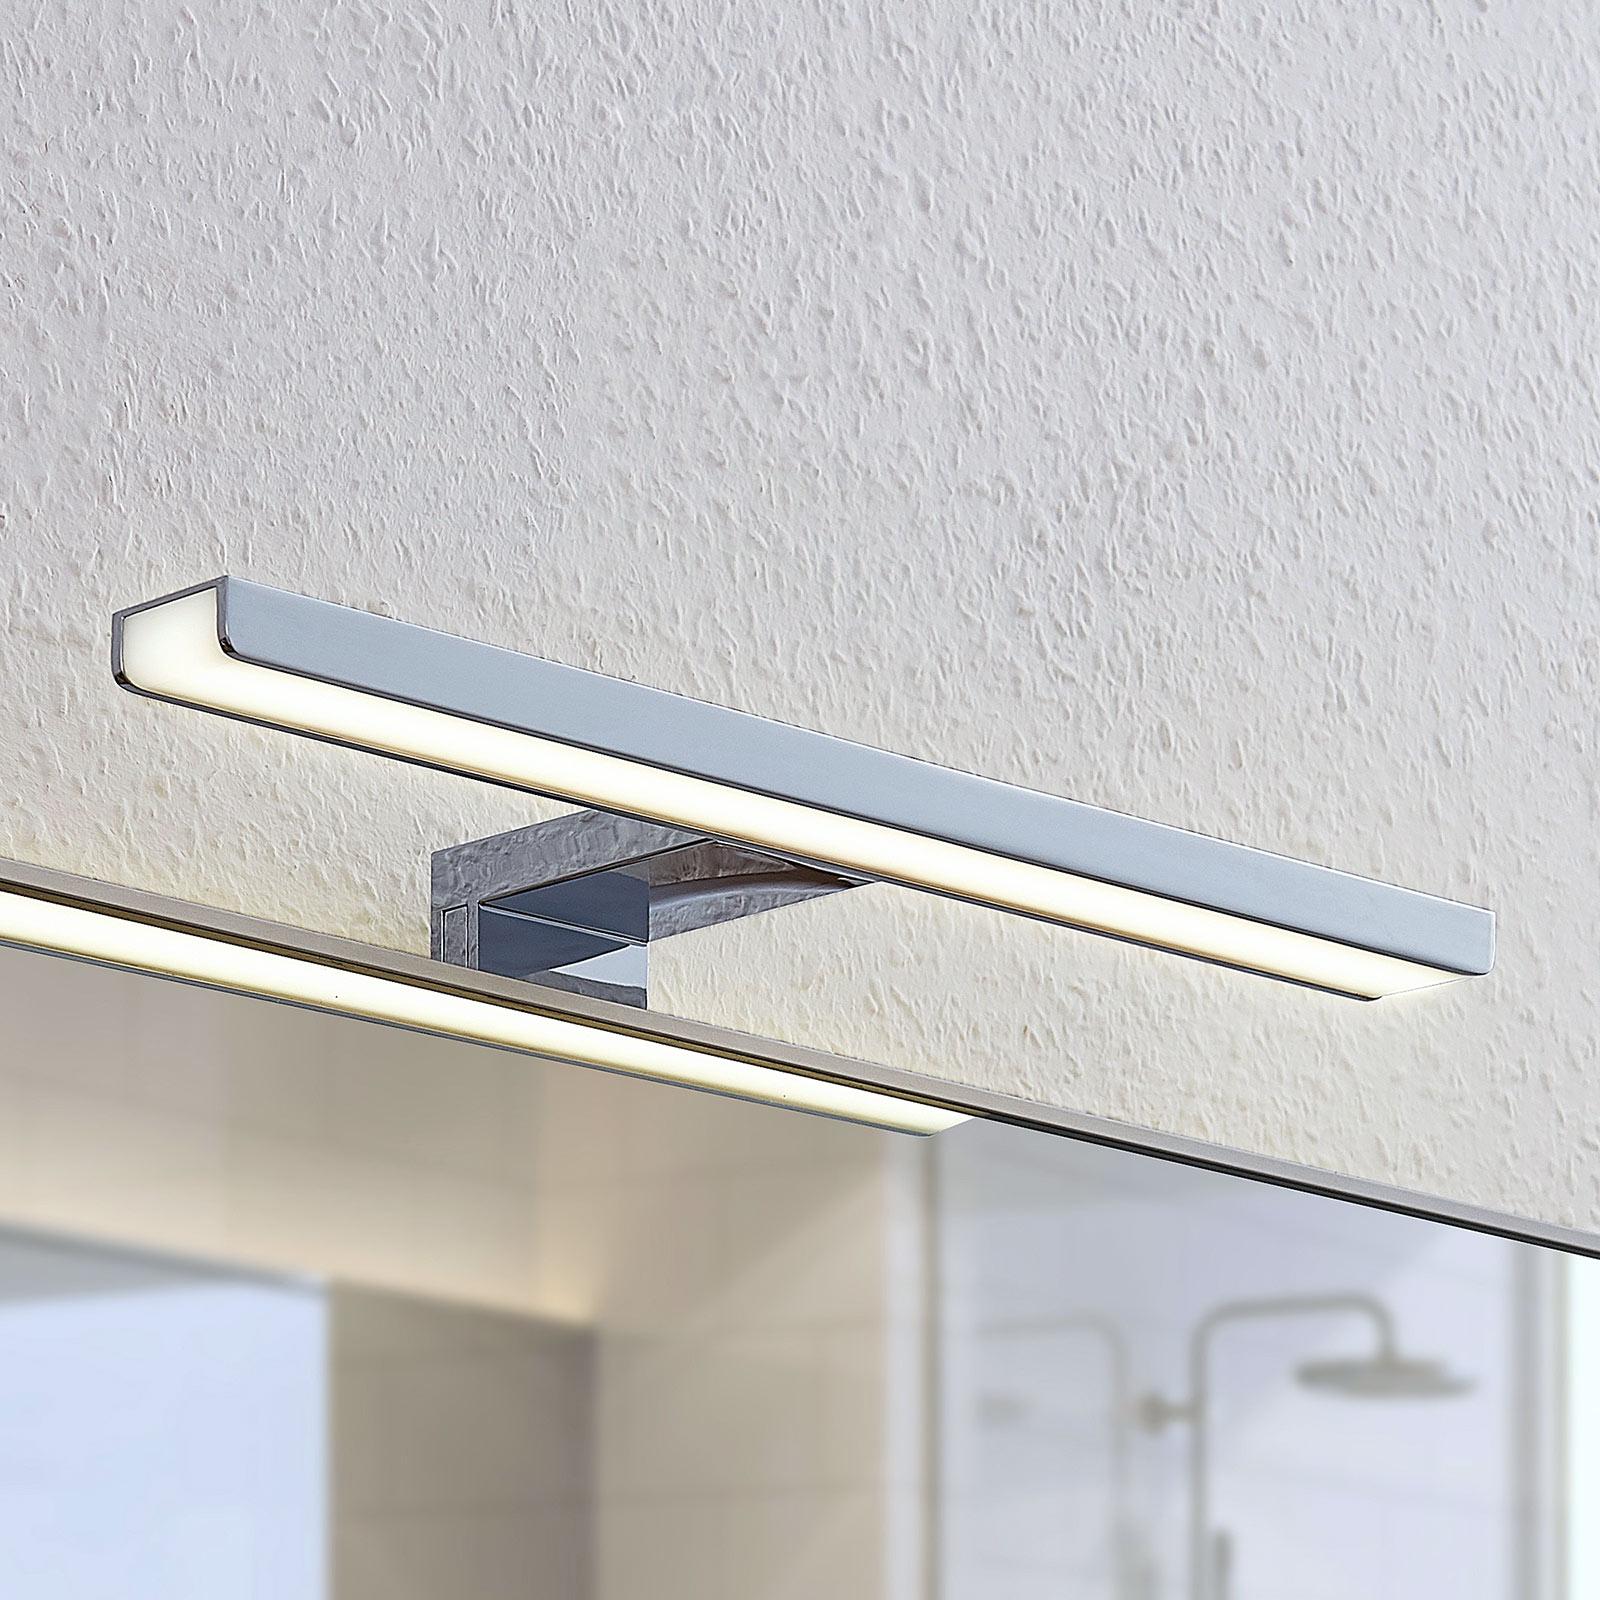 LED-bade- og speillampe Peggy, 30 cm